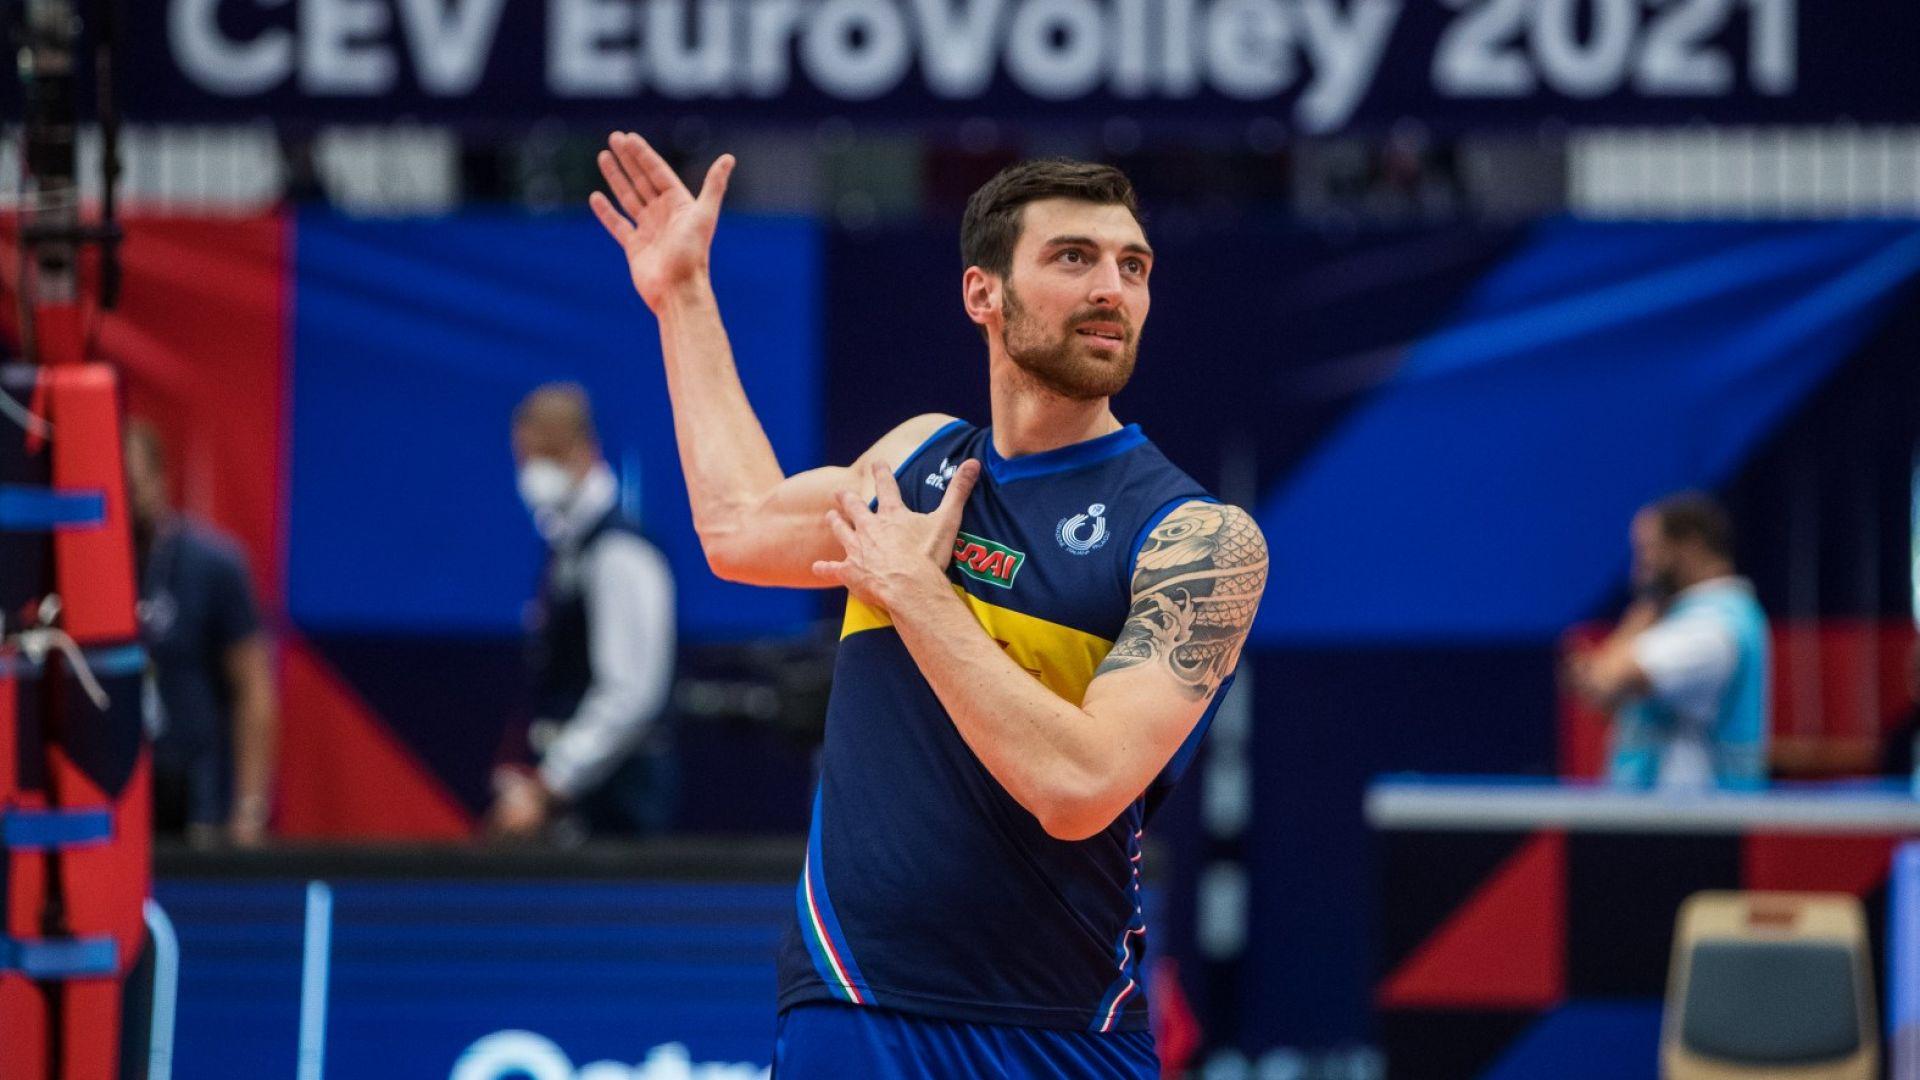 Младостта на Италия срещу опита на Германия в четвъртфинал на Евроволей